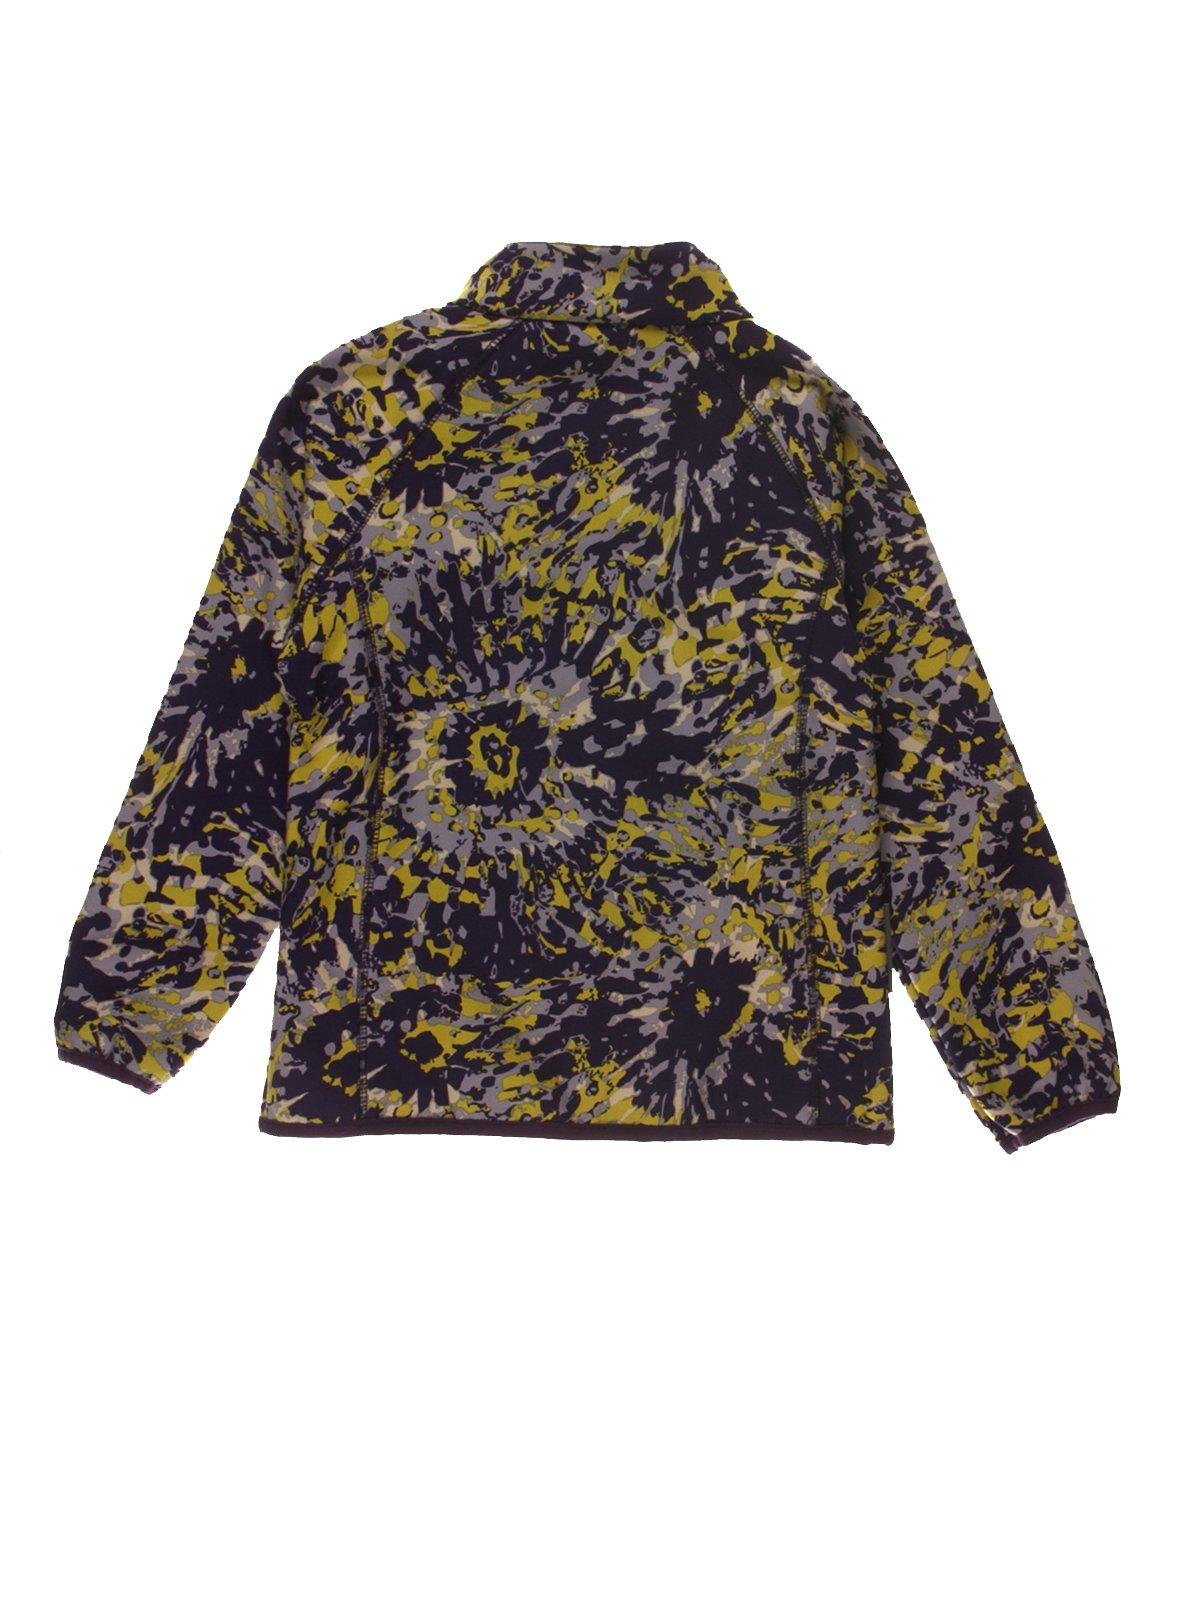 Термокуртка в абстрактний принт | 3879054 | фото 3